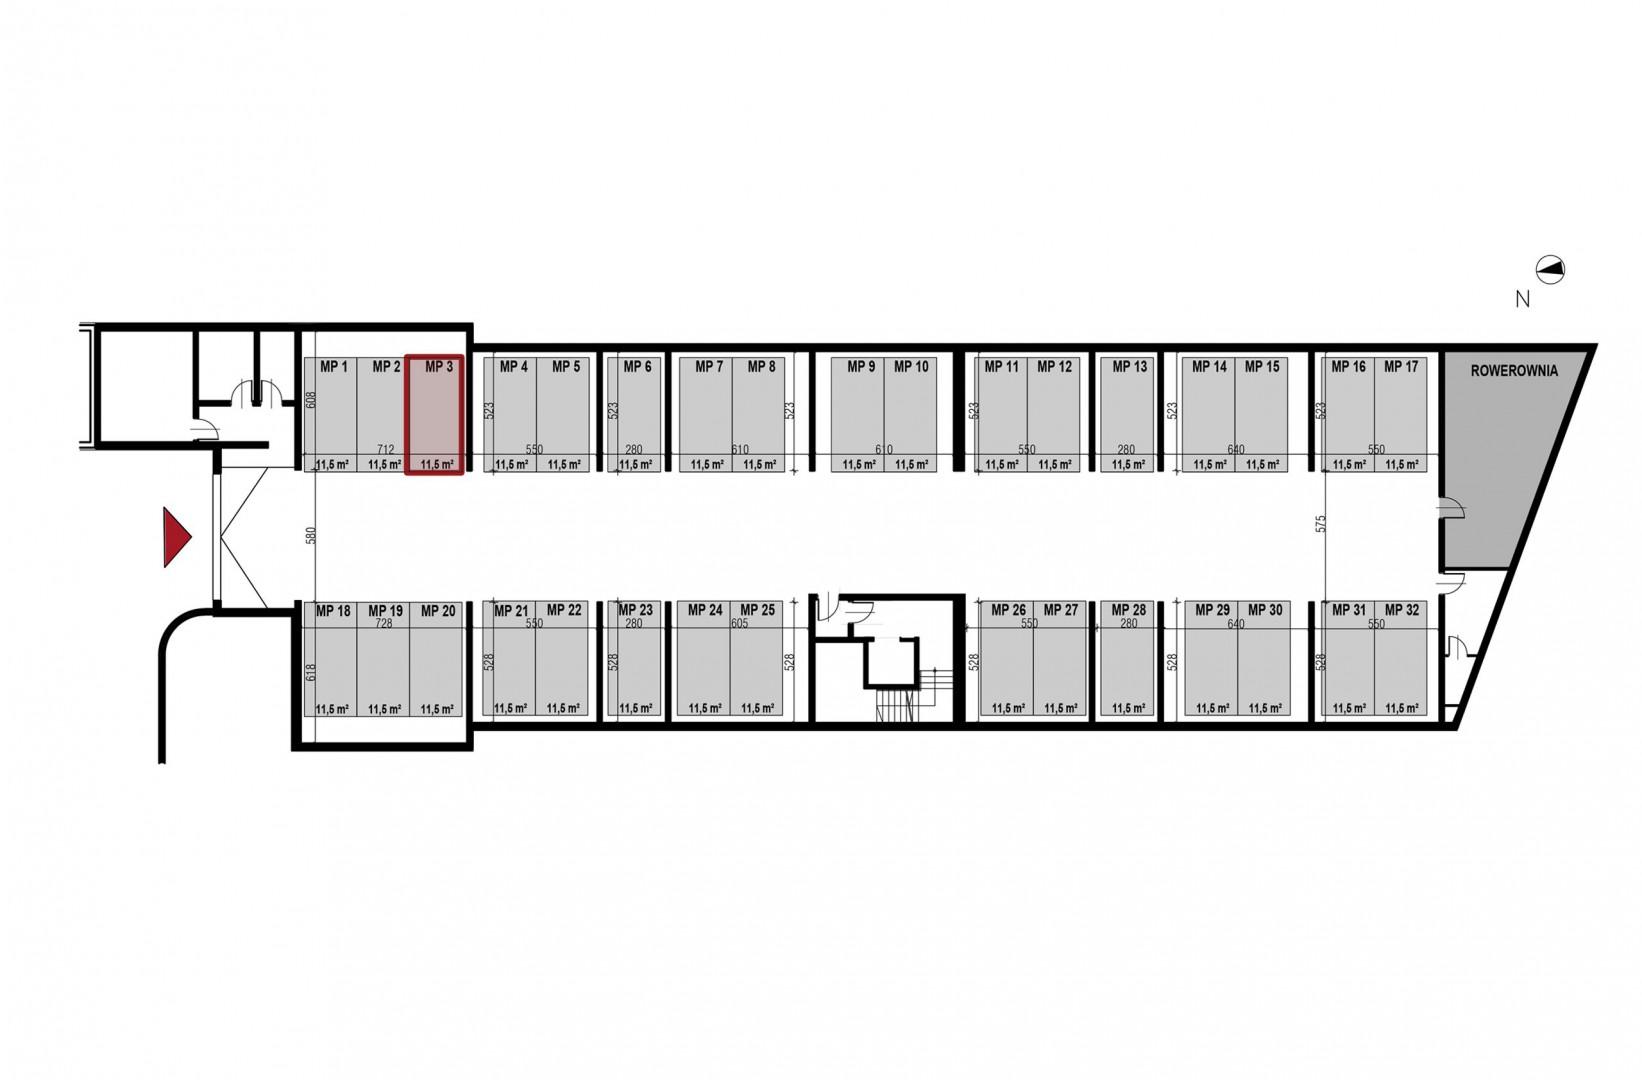 Uroczysko II / budynek 3 / miejsce postojowe 3 rzut 1